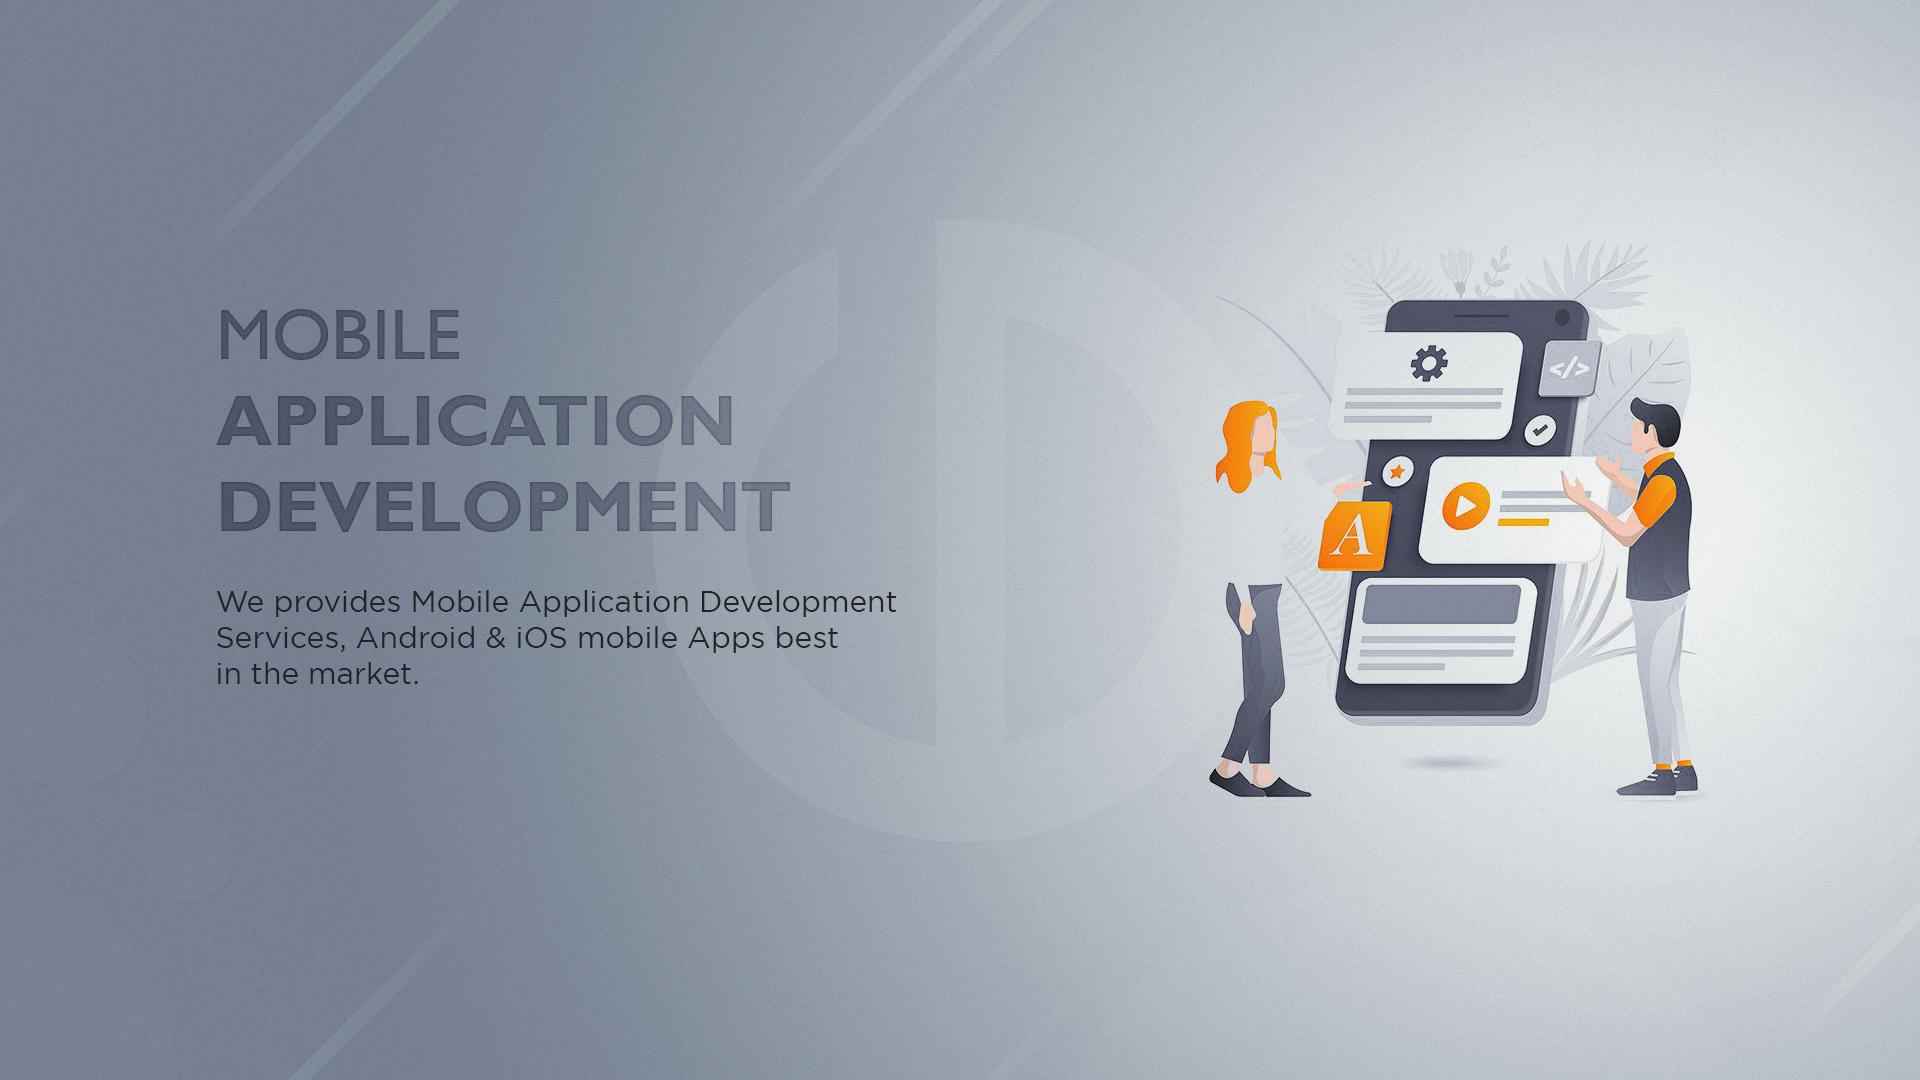 Orion-designs-app-development-company-in-delhi